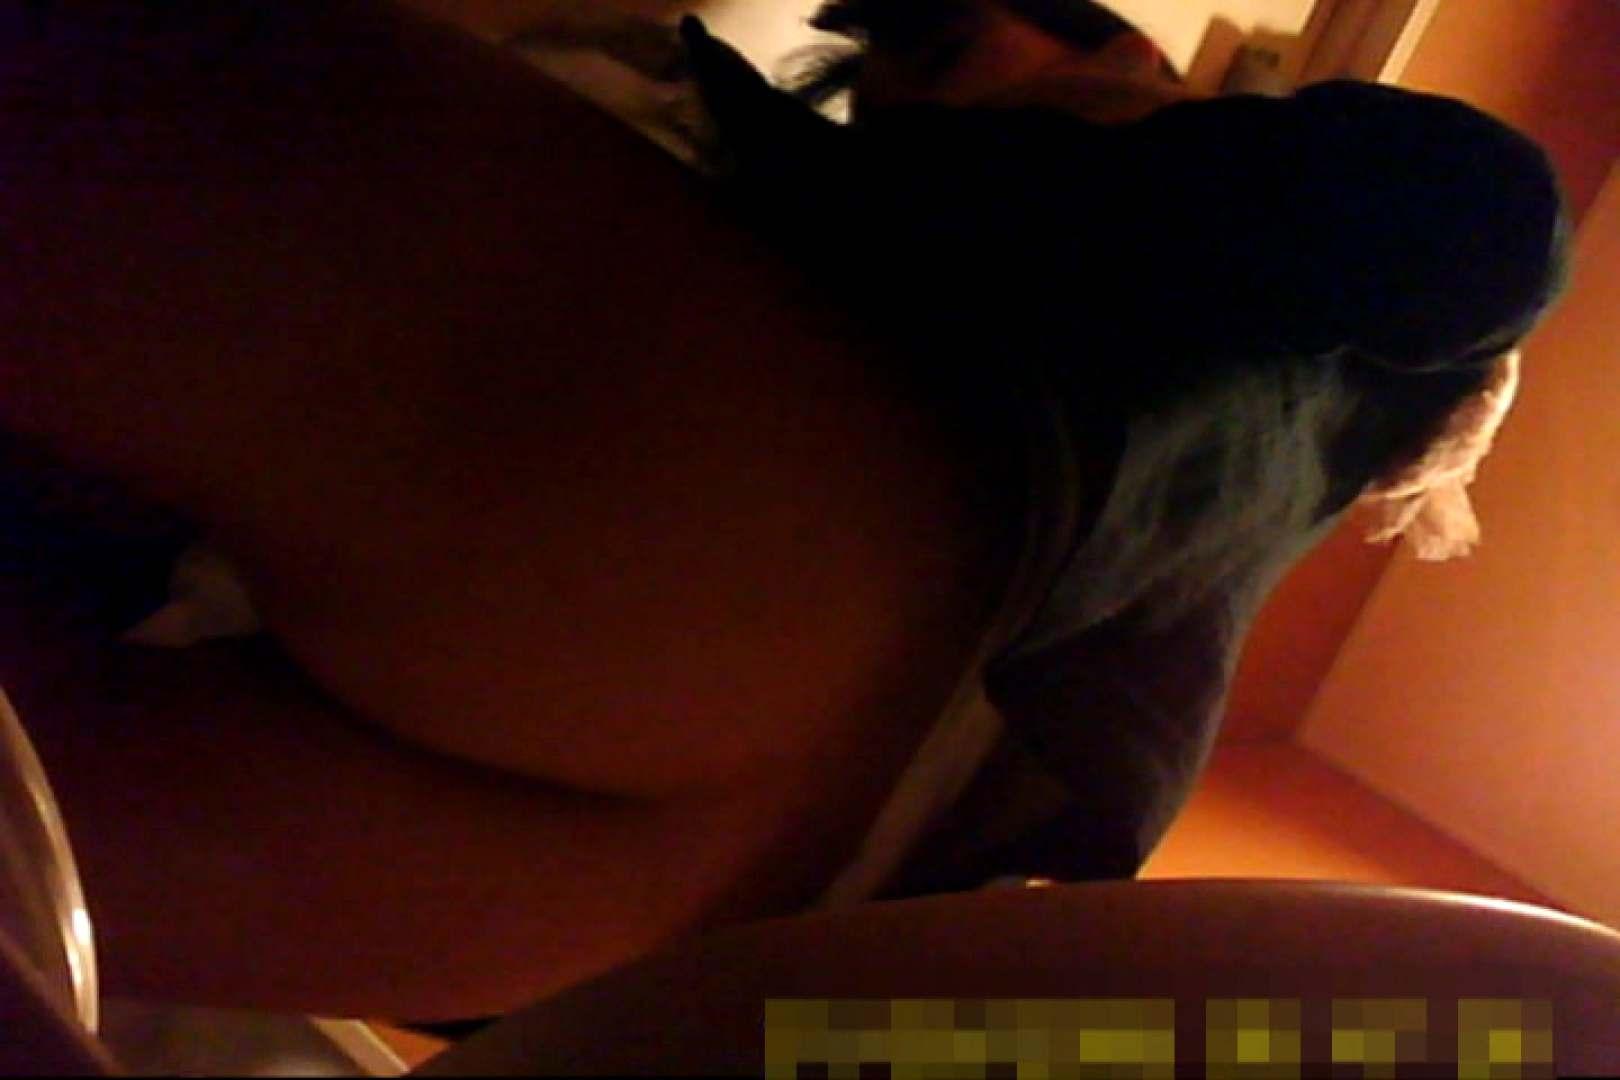 魅惑の化粧室~禁断のプライベート空間~17 エッチなお姉さん ワレメ無修正動画無料 61pic 44